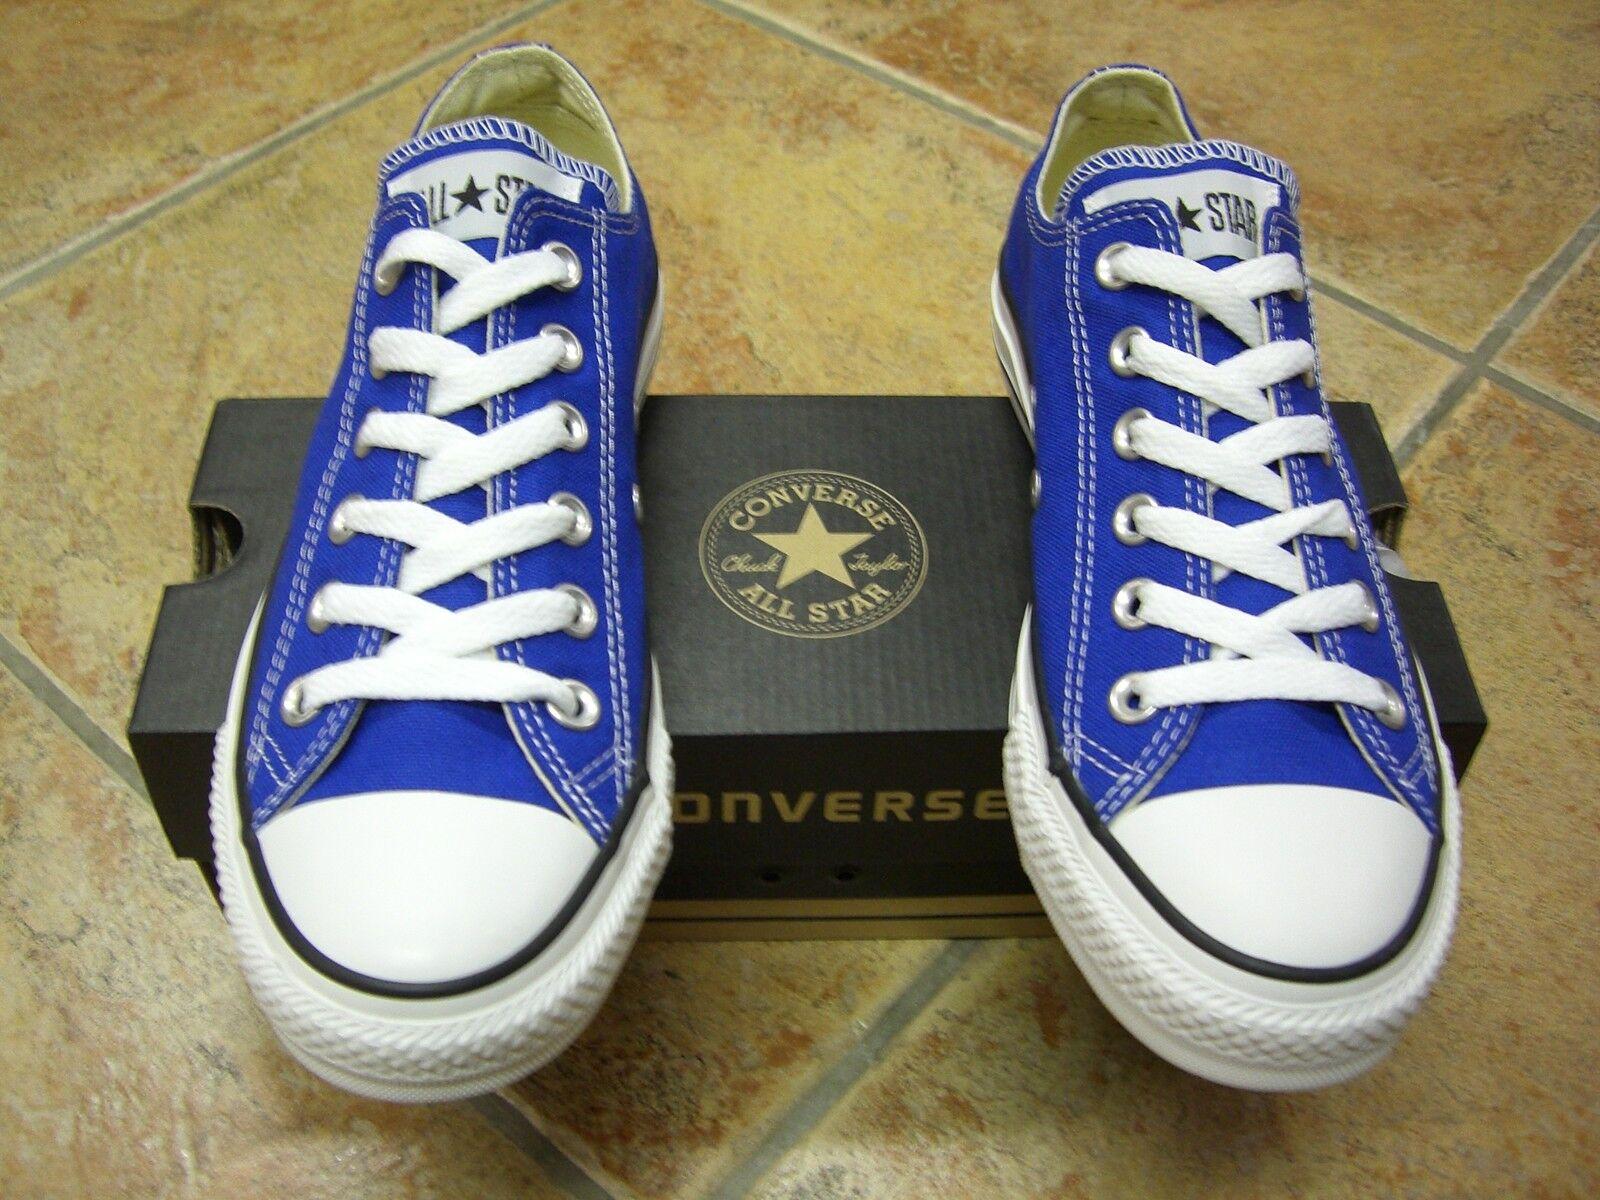 Converse  Chucks  All Star  OX  Gr.36  Dazzling Blau   130127C  Neu  Trendy Blau